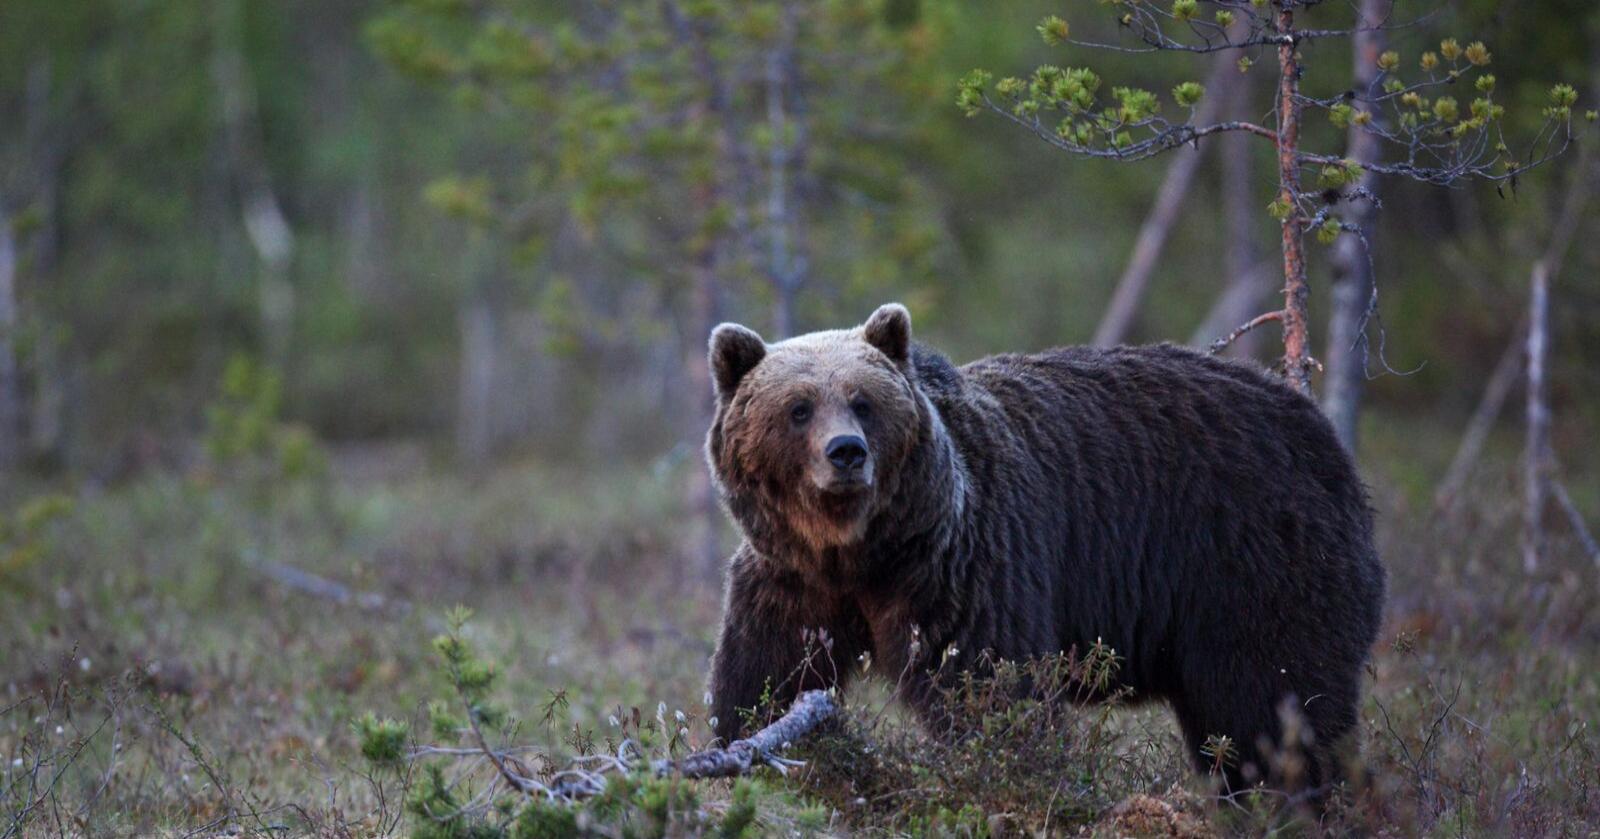 Svenske nødetater måtte rykke ut tirsdag morgen da en bjørn kom tett på to ungdommer som teltet. Illustrasjonsfoto: Steve Halsetrønning / NN / Samfoto